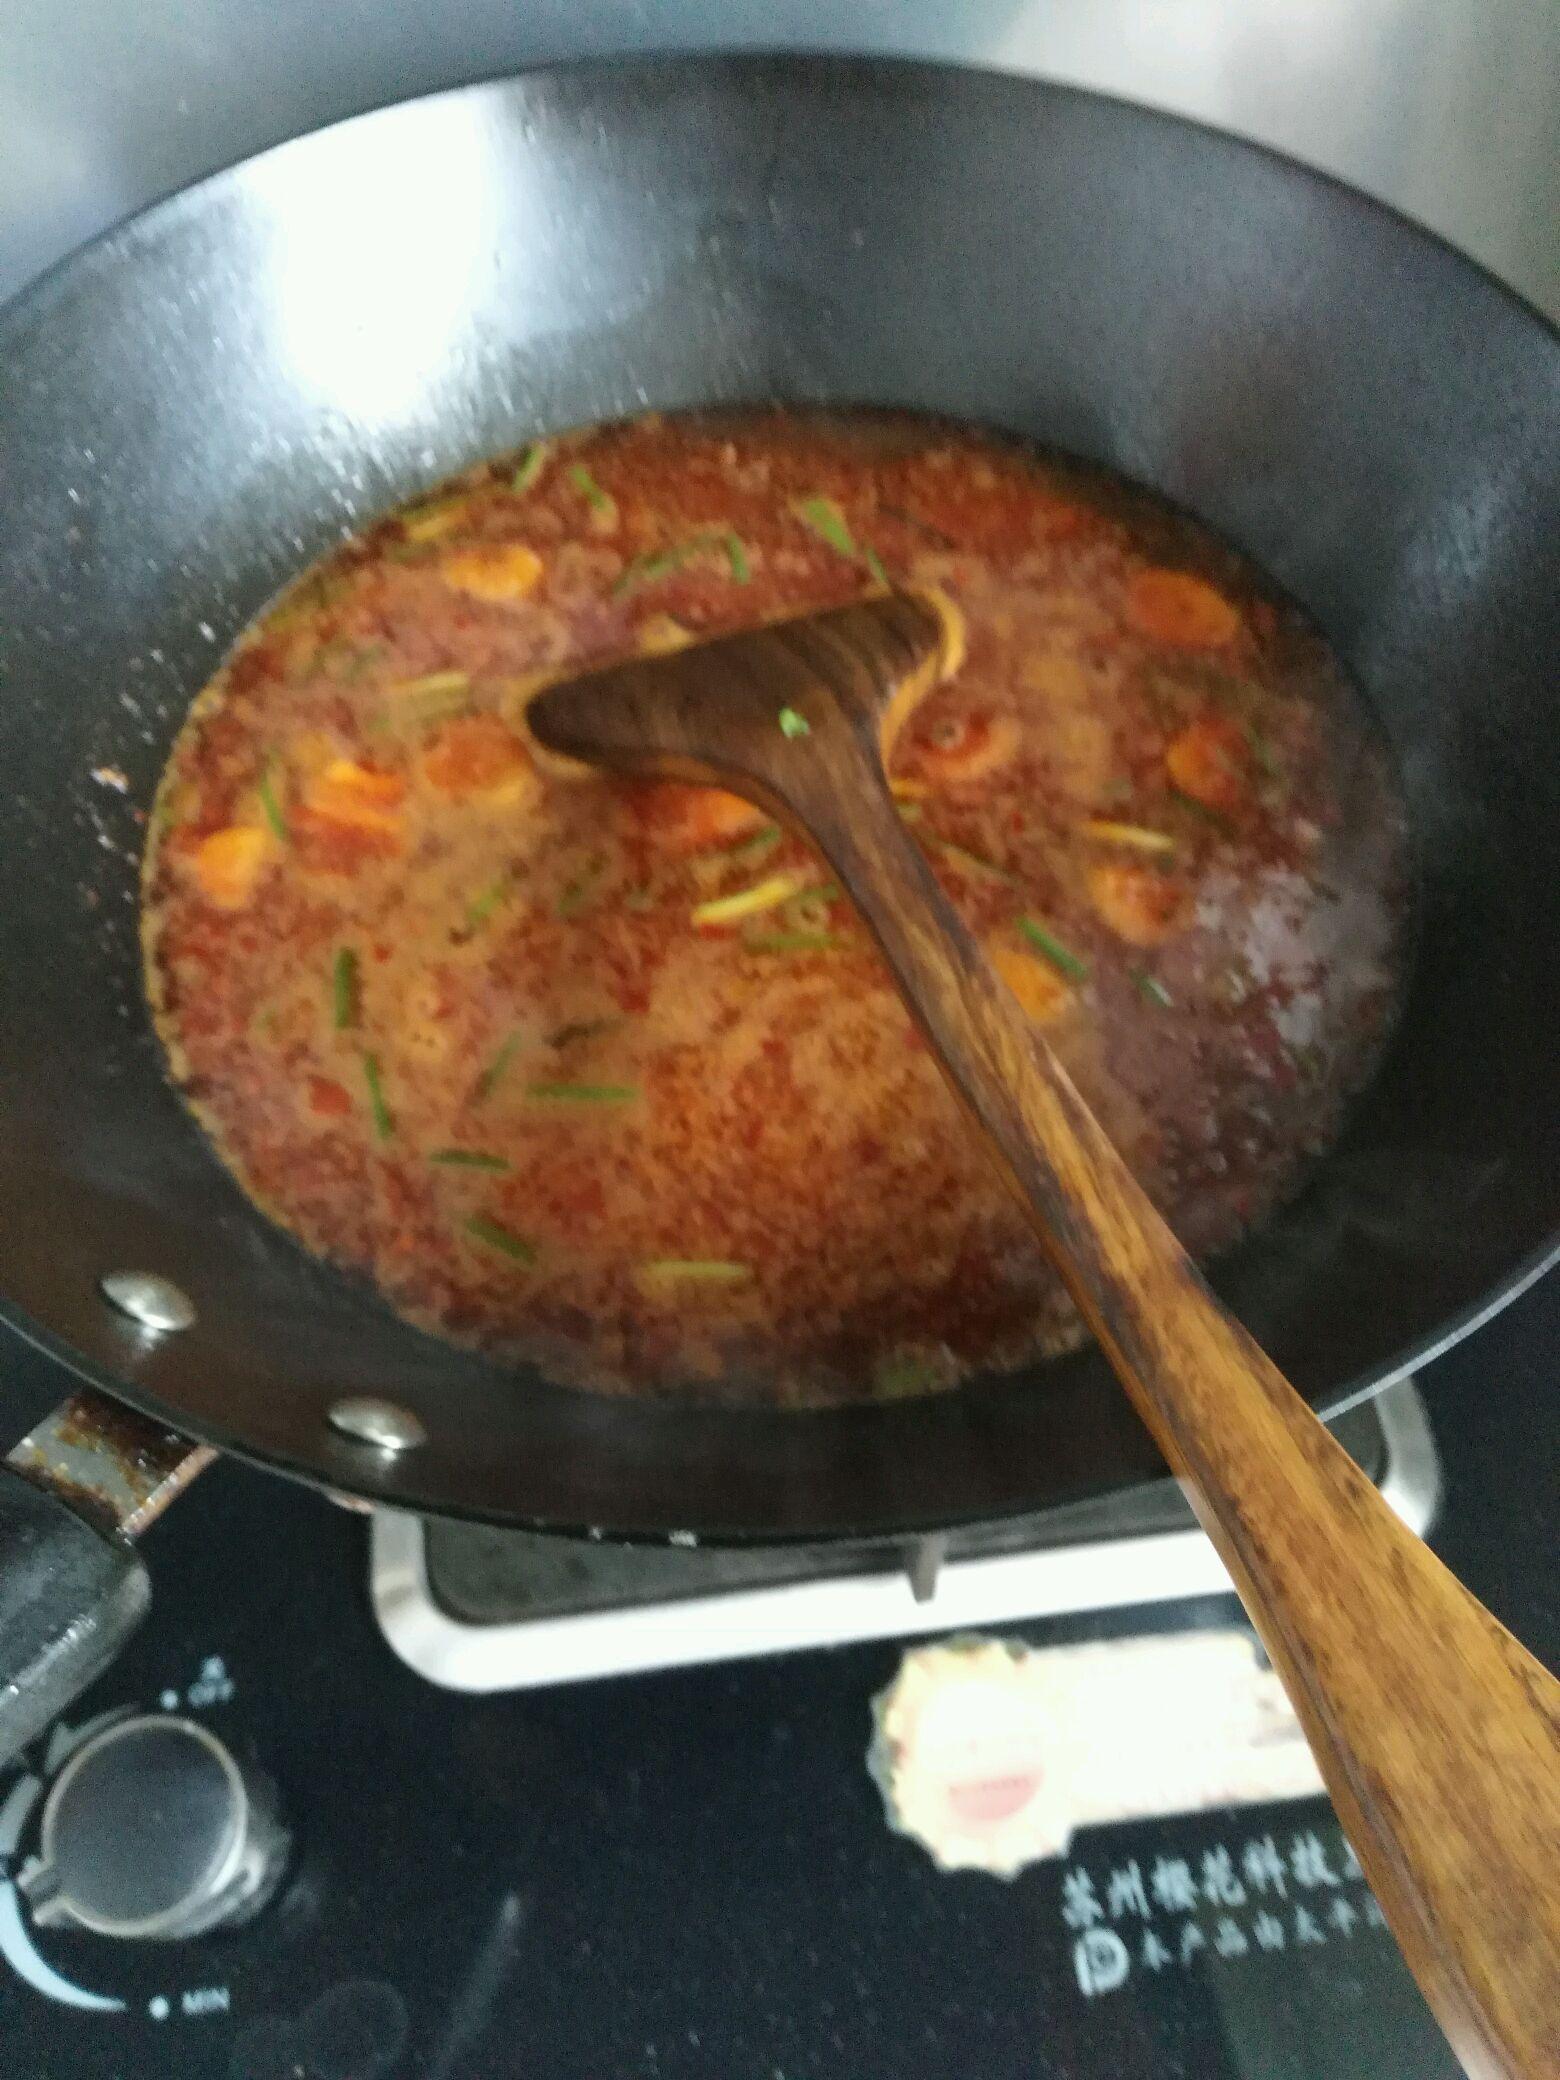 加豆瓣酱,火锅底料一些炒出菜谱,加大火,生抽,一点清水红油烧沸2分钟4模拟人生26白糖种图片